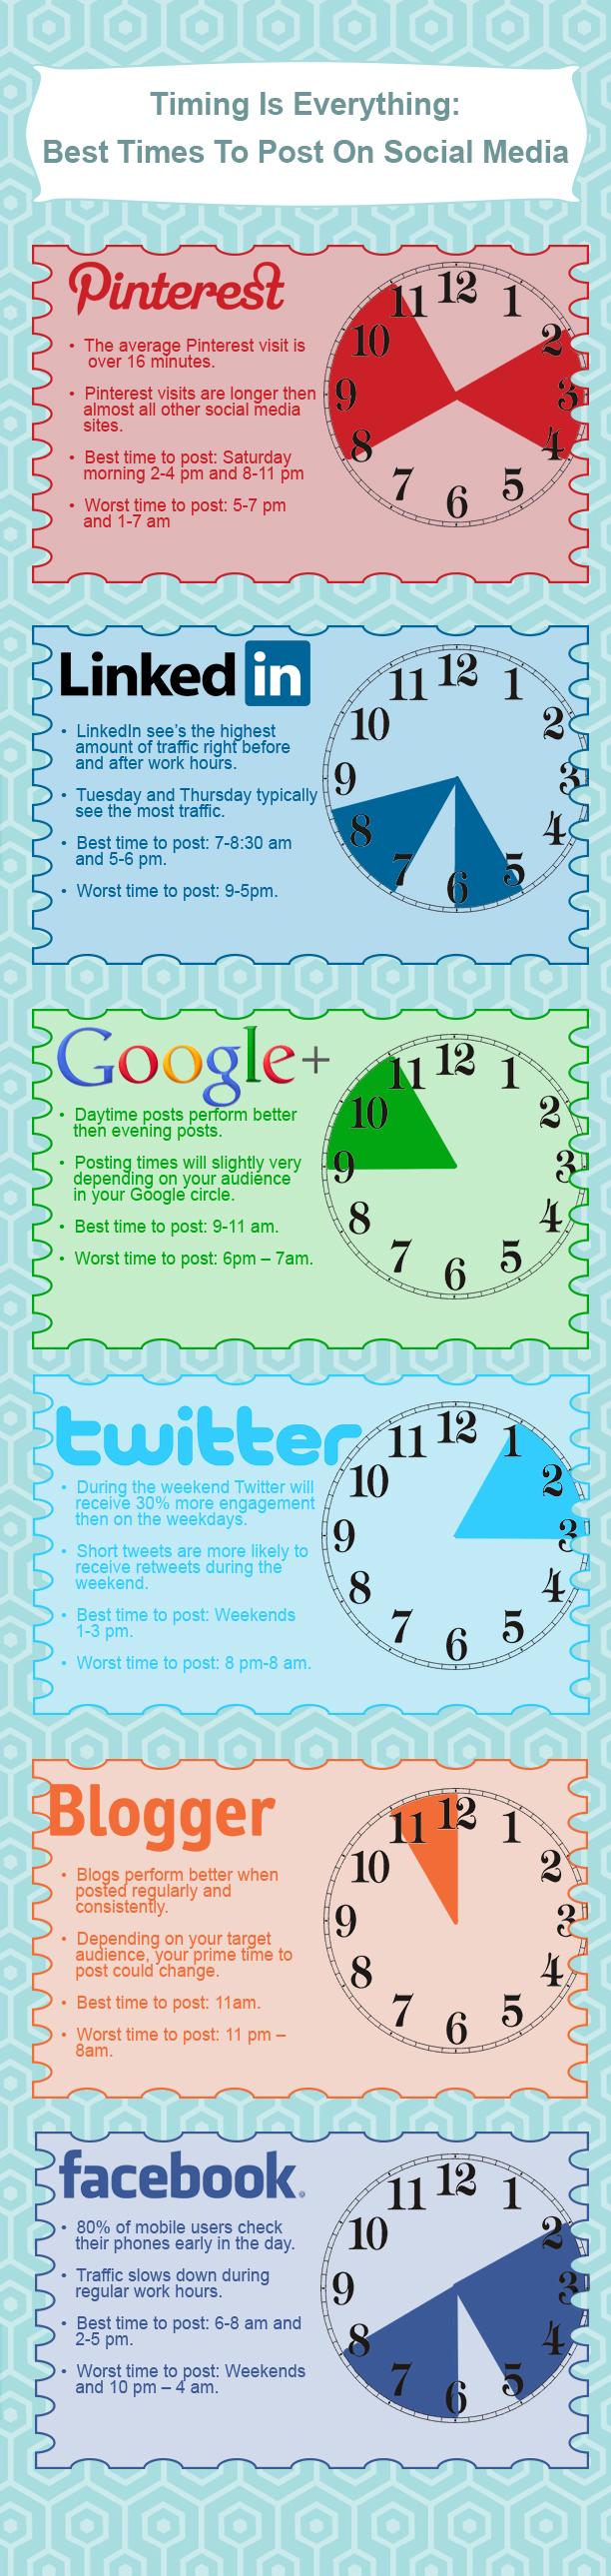 Social-Media-Timing2